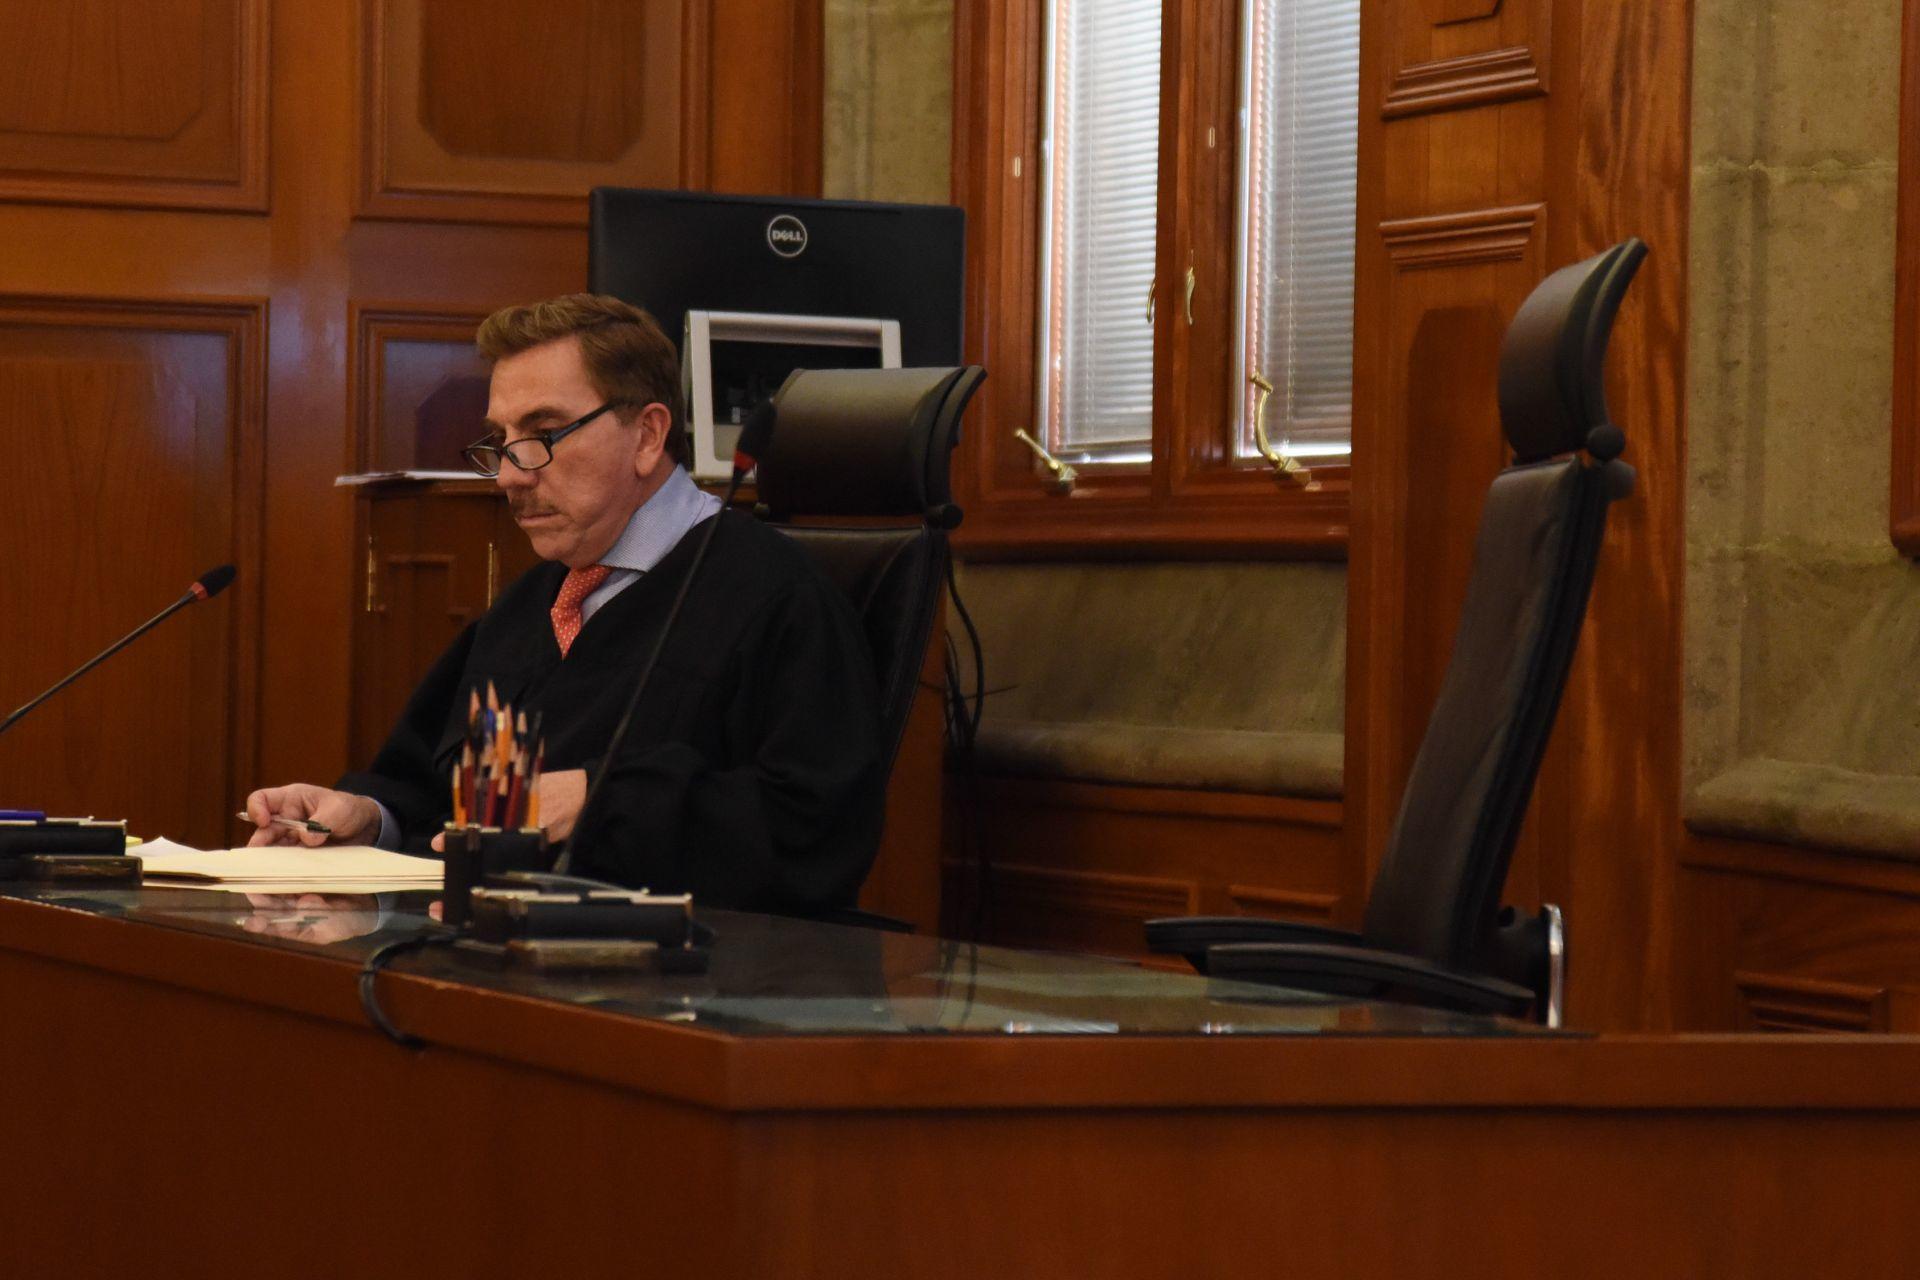 CIUDAD DE MÉXICO, 11JULIO2018.- Sesión de la Segunda Sala de la Suprema Corte de Justicia de la Nación (SCJN), la cual es presidida por el ministro Eduardo Medina Mora Icaza. En la imagen Javier Laynez Potisek. FOTO: SCJN /CUARTOSCURO.COM